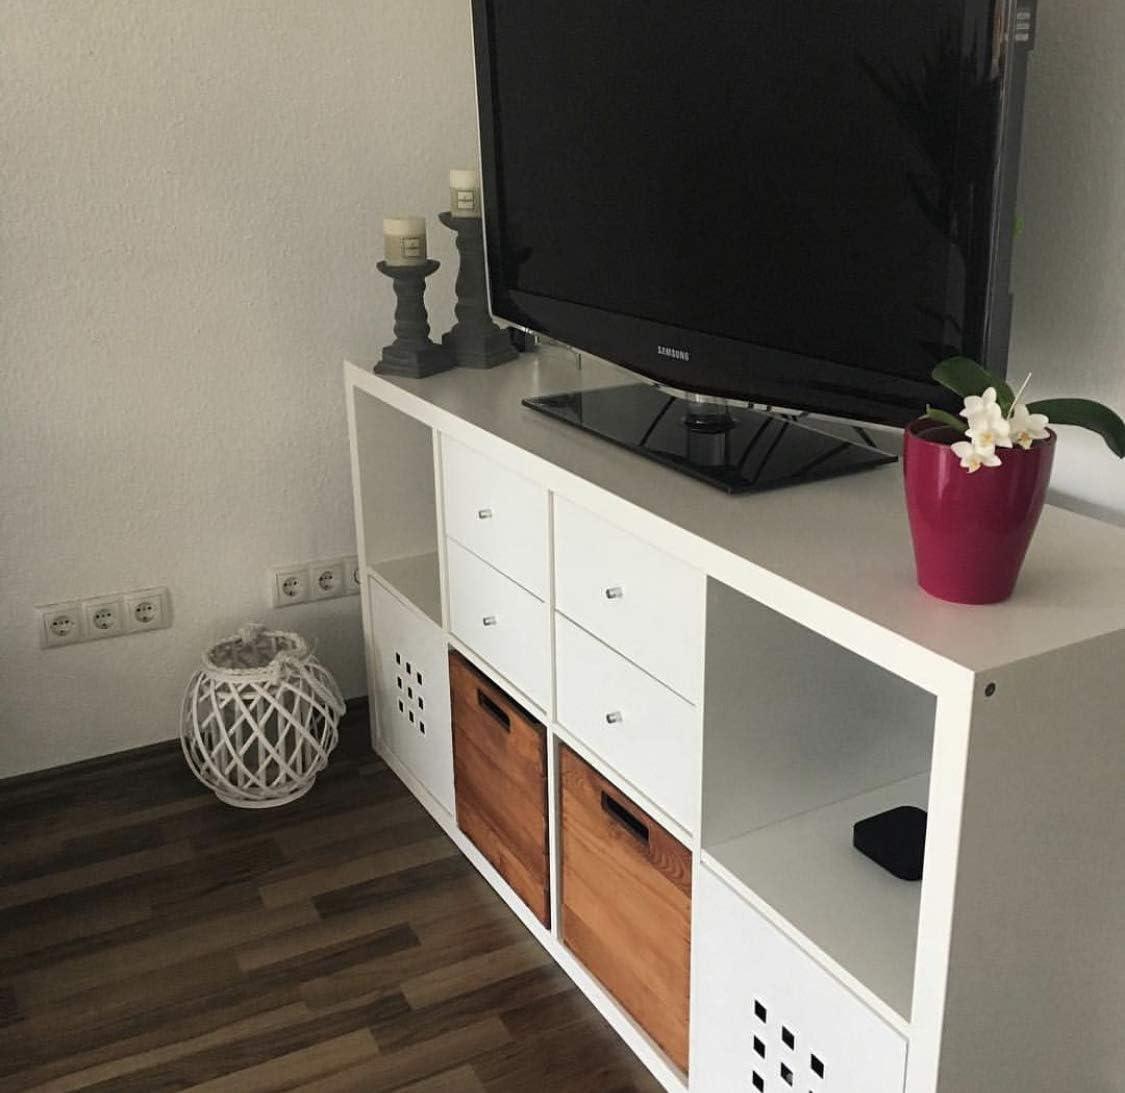 Moooble Neue Holzkisten als Fachelement f/ür IKEA Kallax Regal 32x37,5x32,5cm Used Look modernes Wohnflair zur Aufbewahrung /& Deko 2